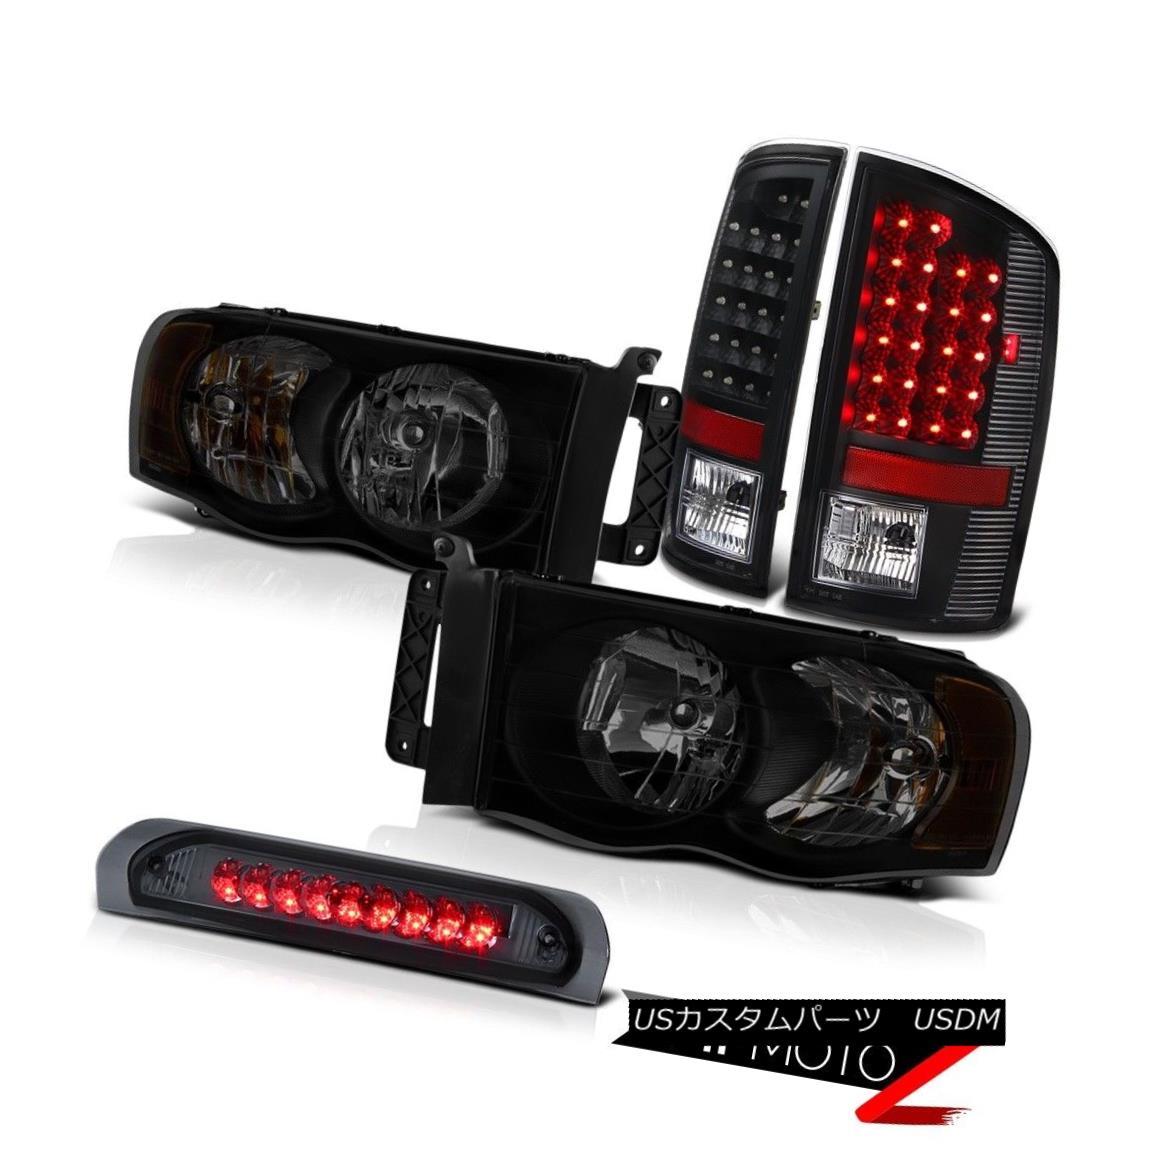 テールライト 02-05 Dodge Ram 1500 2500 5.9L Headlights High Stop Light Black Taillights LED 02-05 Dodge Ram 1500 2500 5.9LヘッドライトハイストップライトブラックテールライトLED